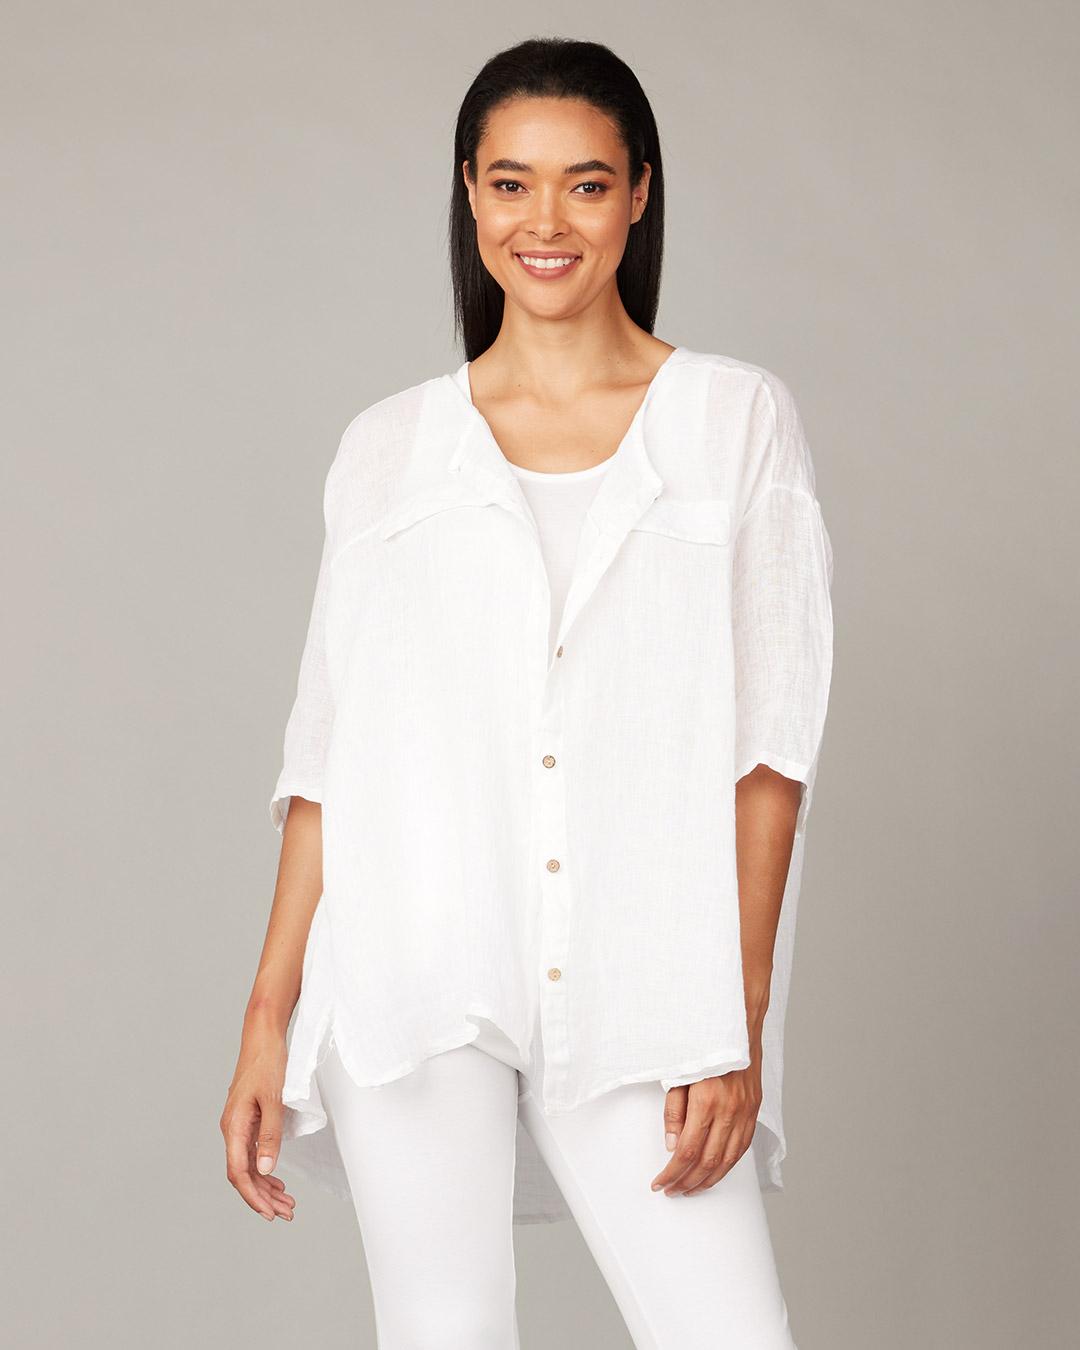 pistache-clothing-breezy-loose-blouse-white-dianes-lingerie-vancouver-1080x1080